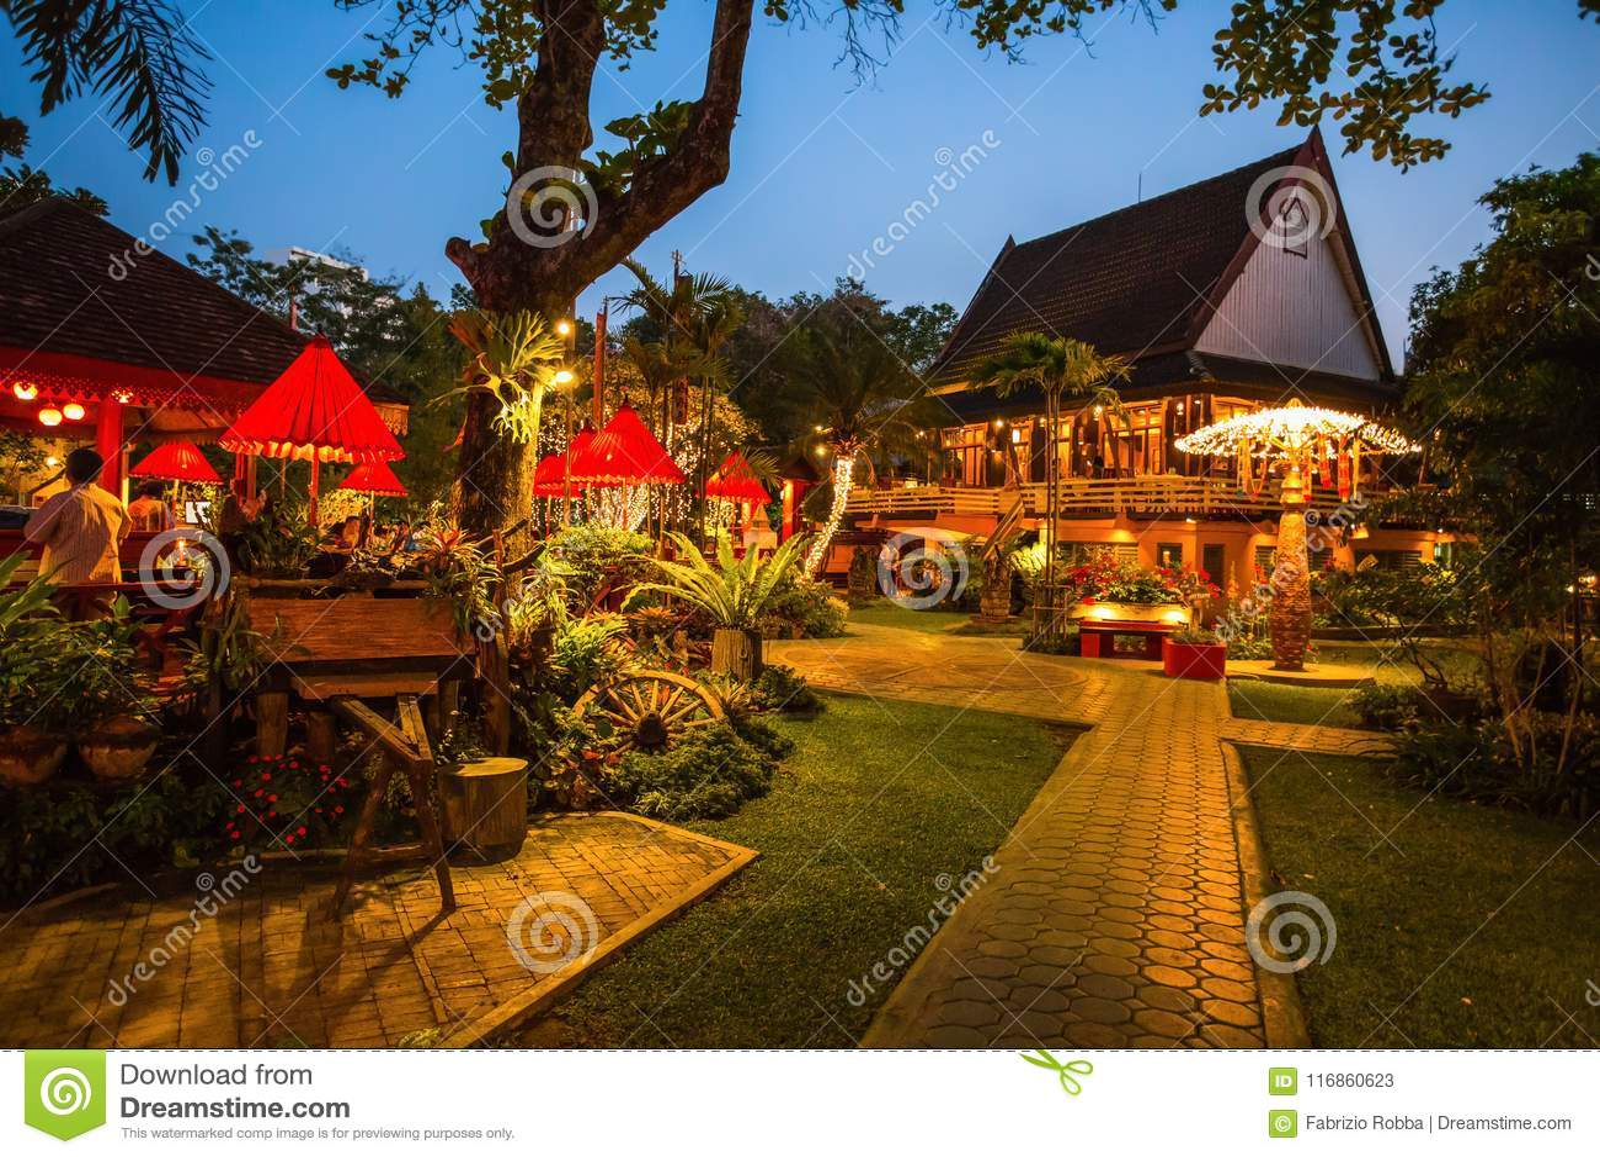 Un restaurant thaïlandais élégant et typique en Chiang Mai par nuit, Thaïlande